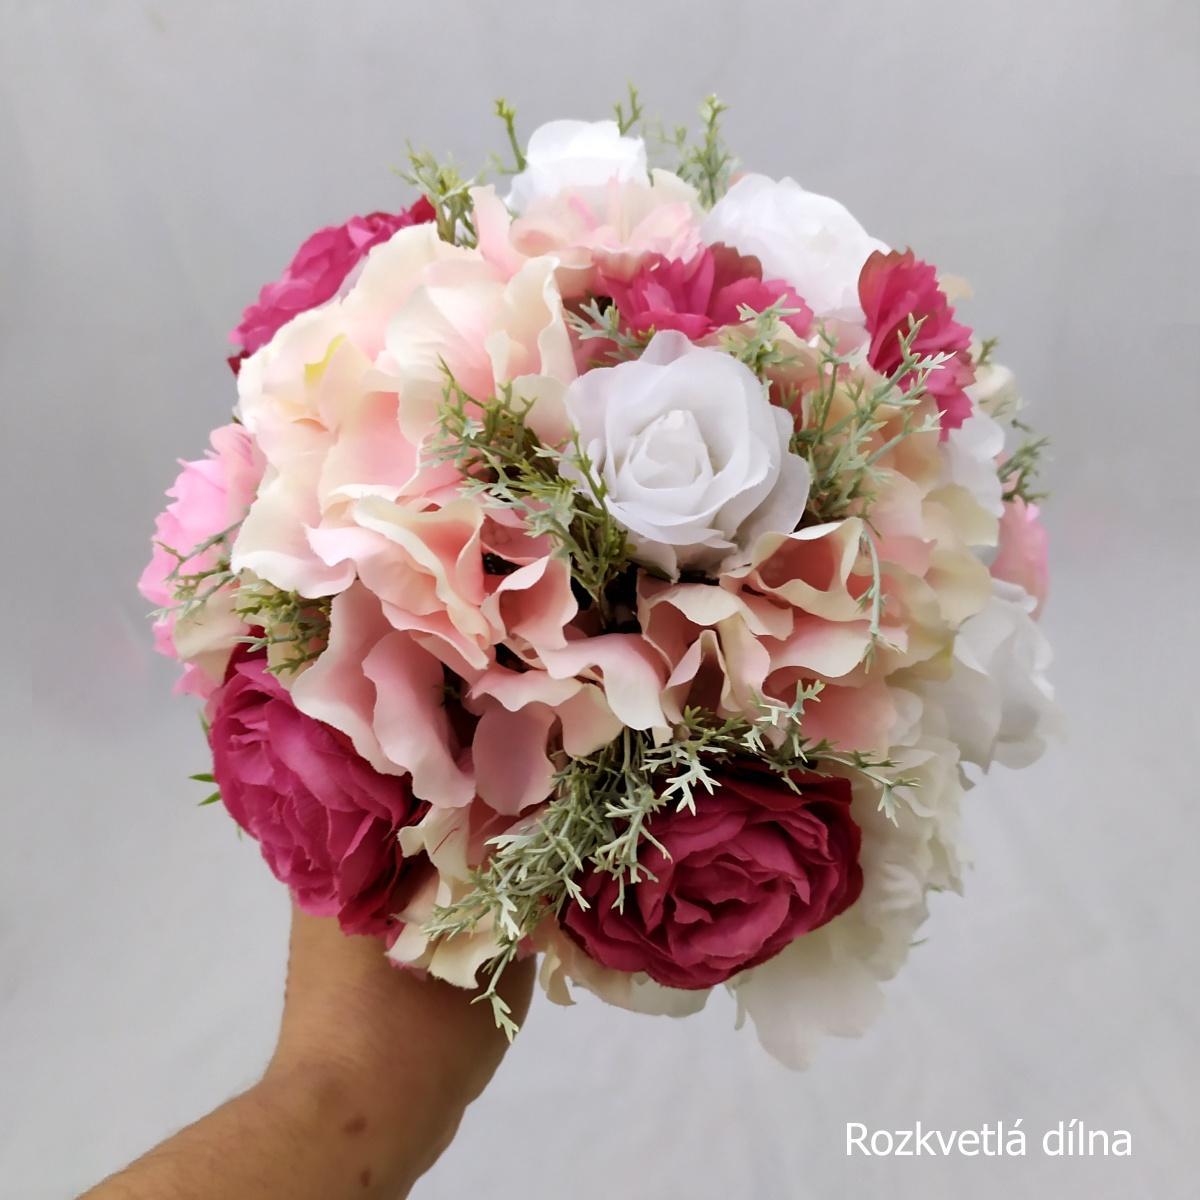 Romantická v růžové, umělá kytice - Obrázek č. 1